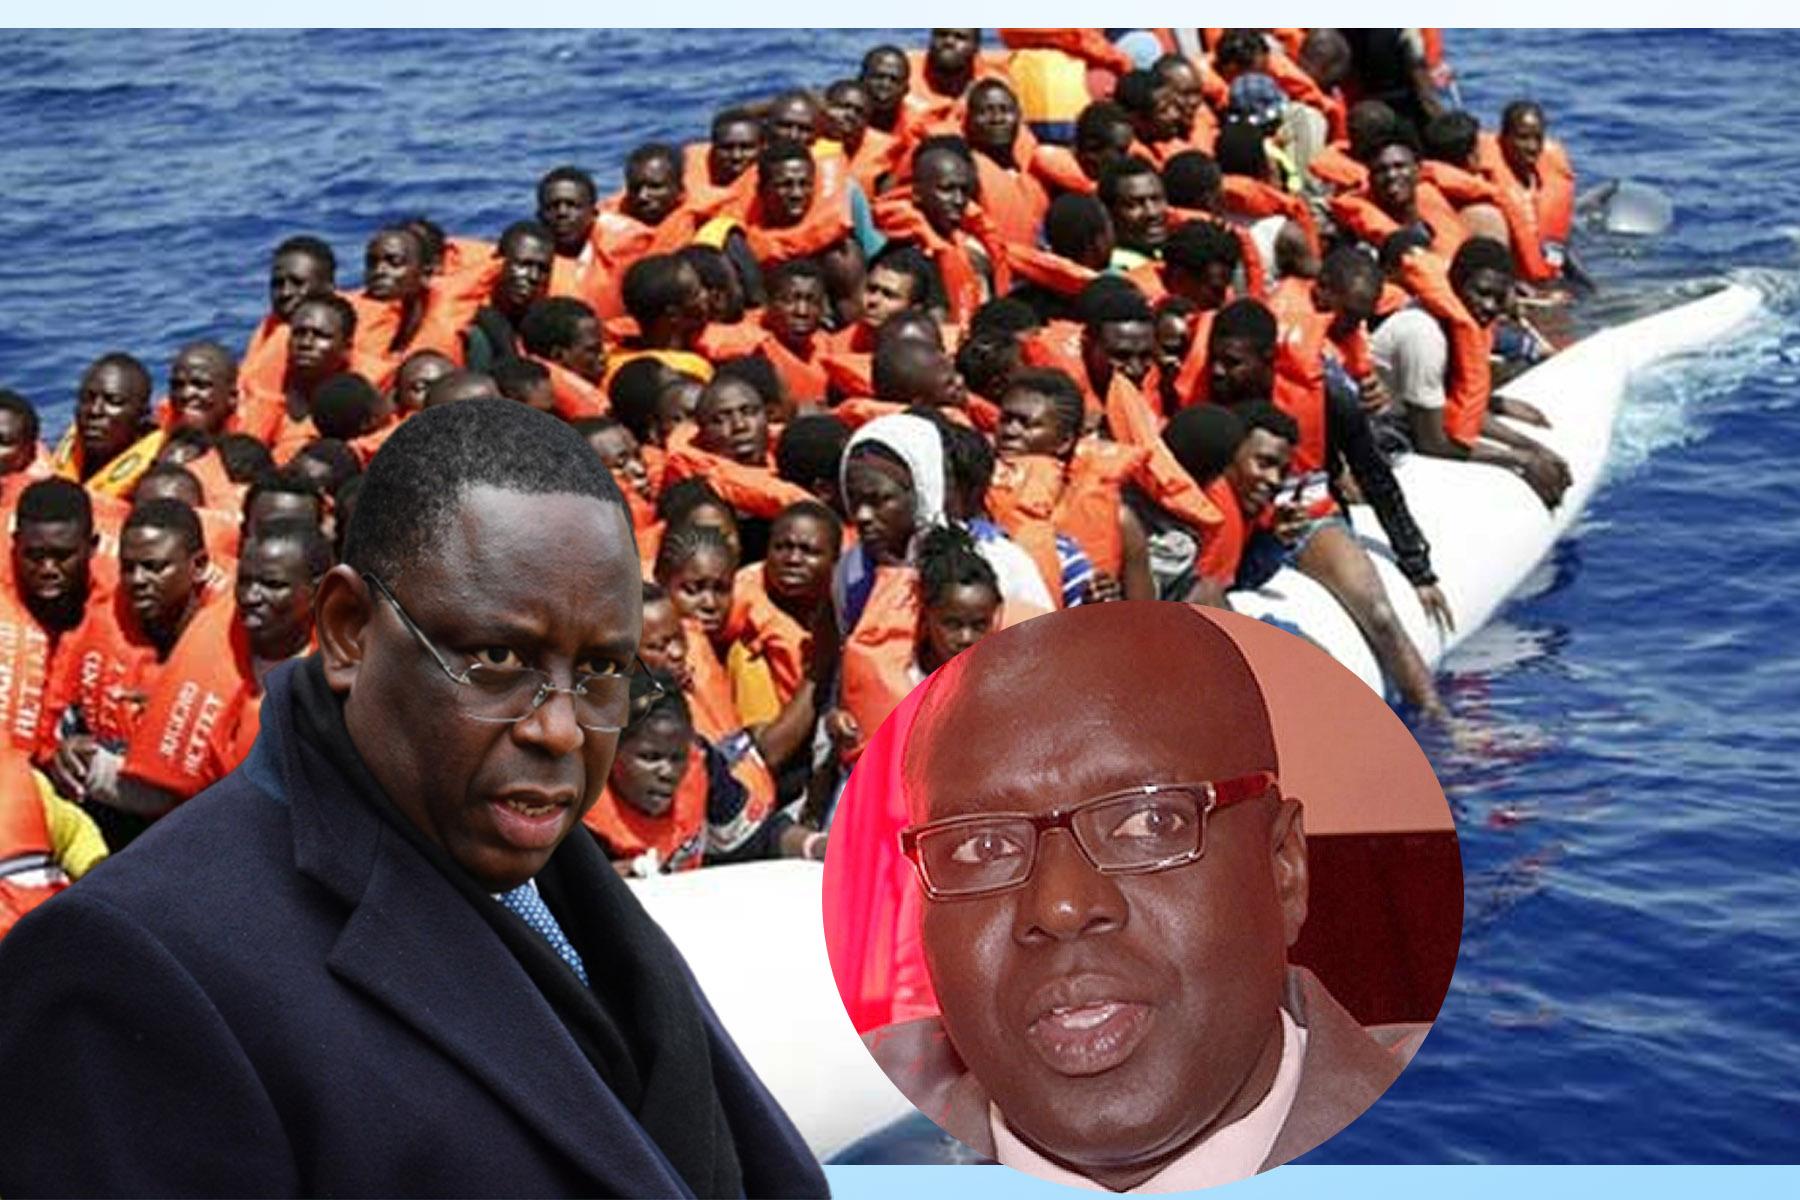 Fonds injectés dans des projets migratoires: Macky Sall demande des comptes à son Gouvernement